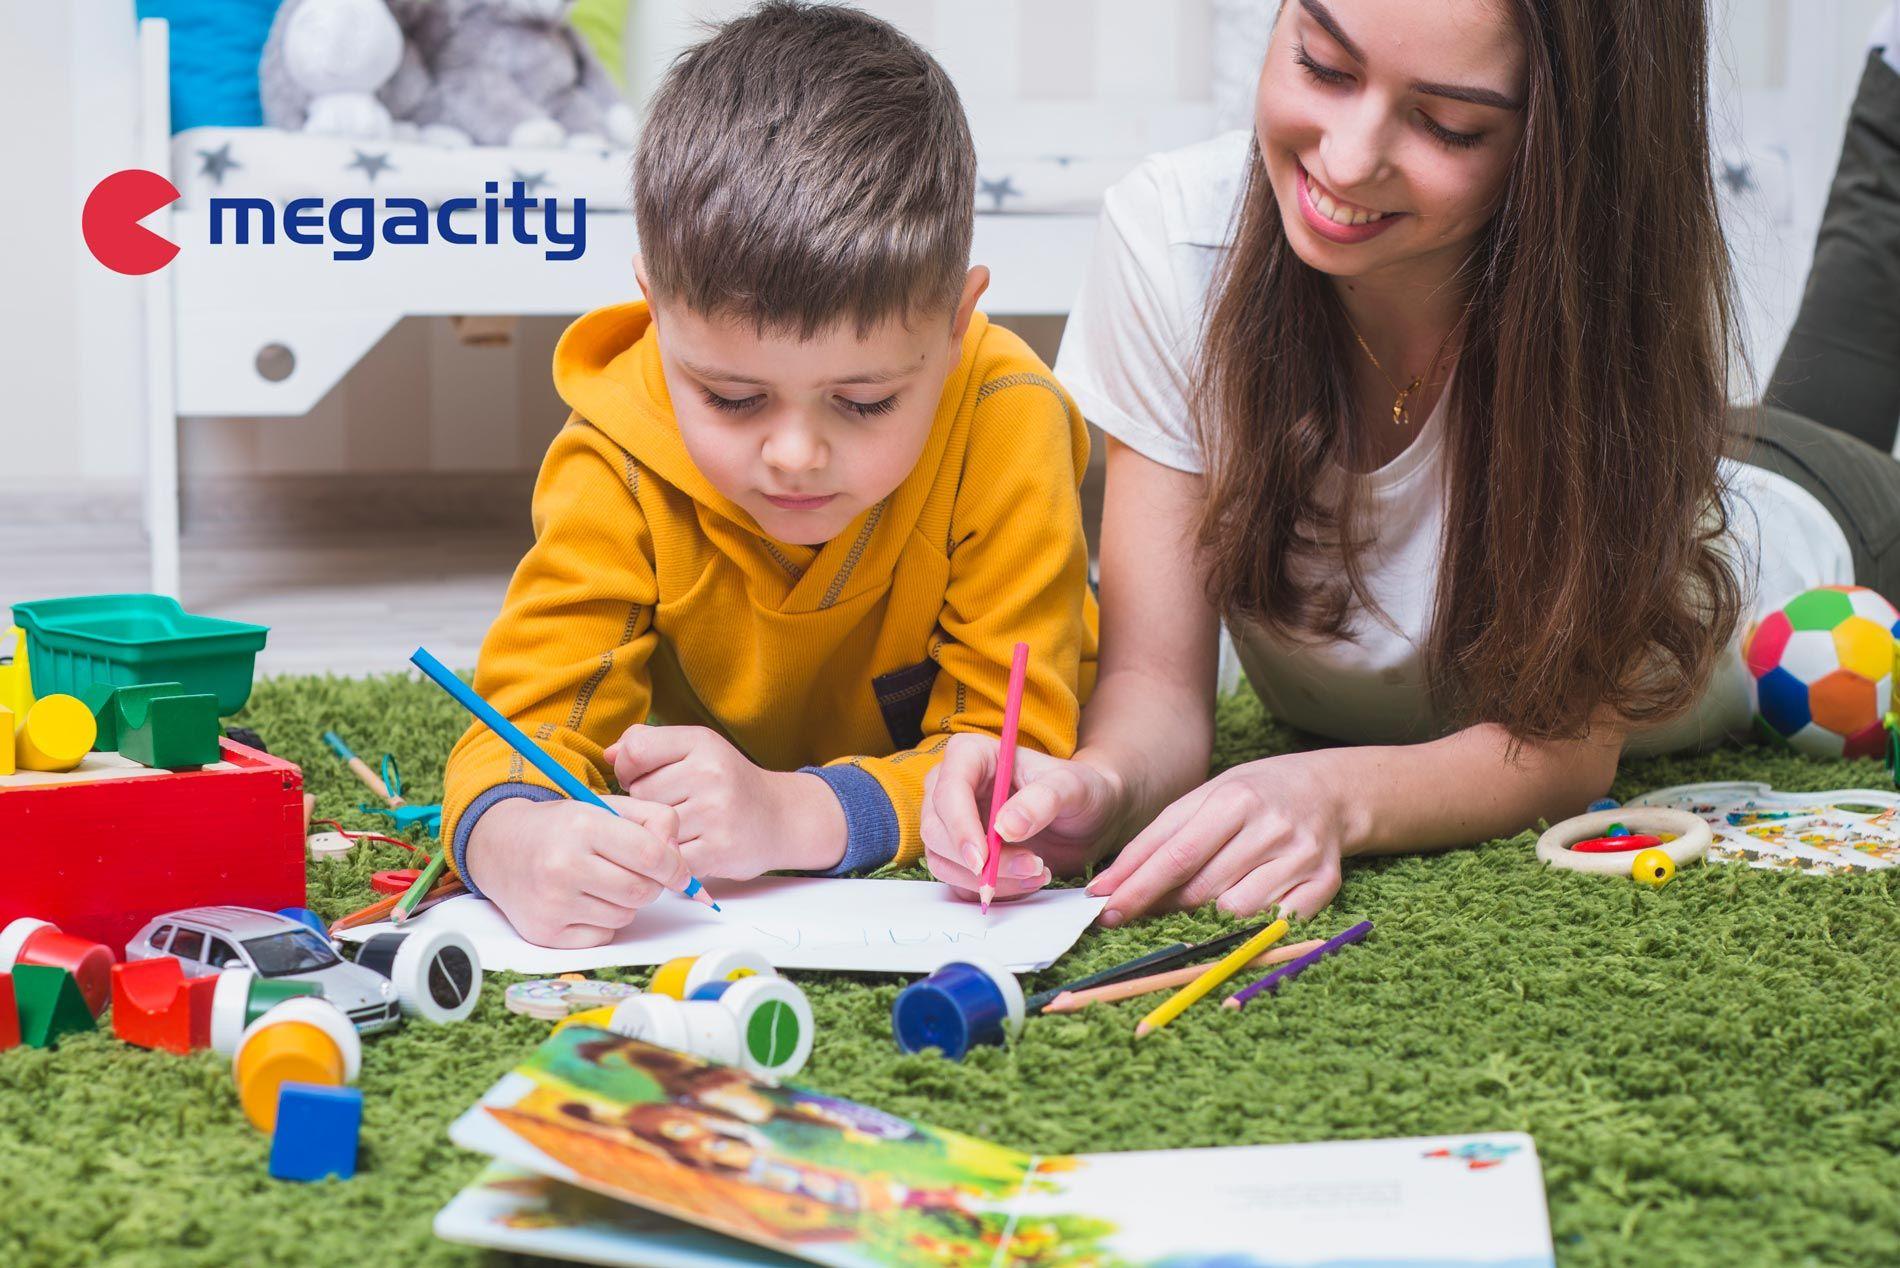 Actividades con material escolar de Megacity para realizar con niños en casa